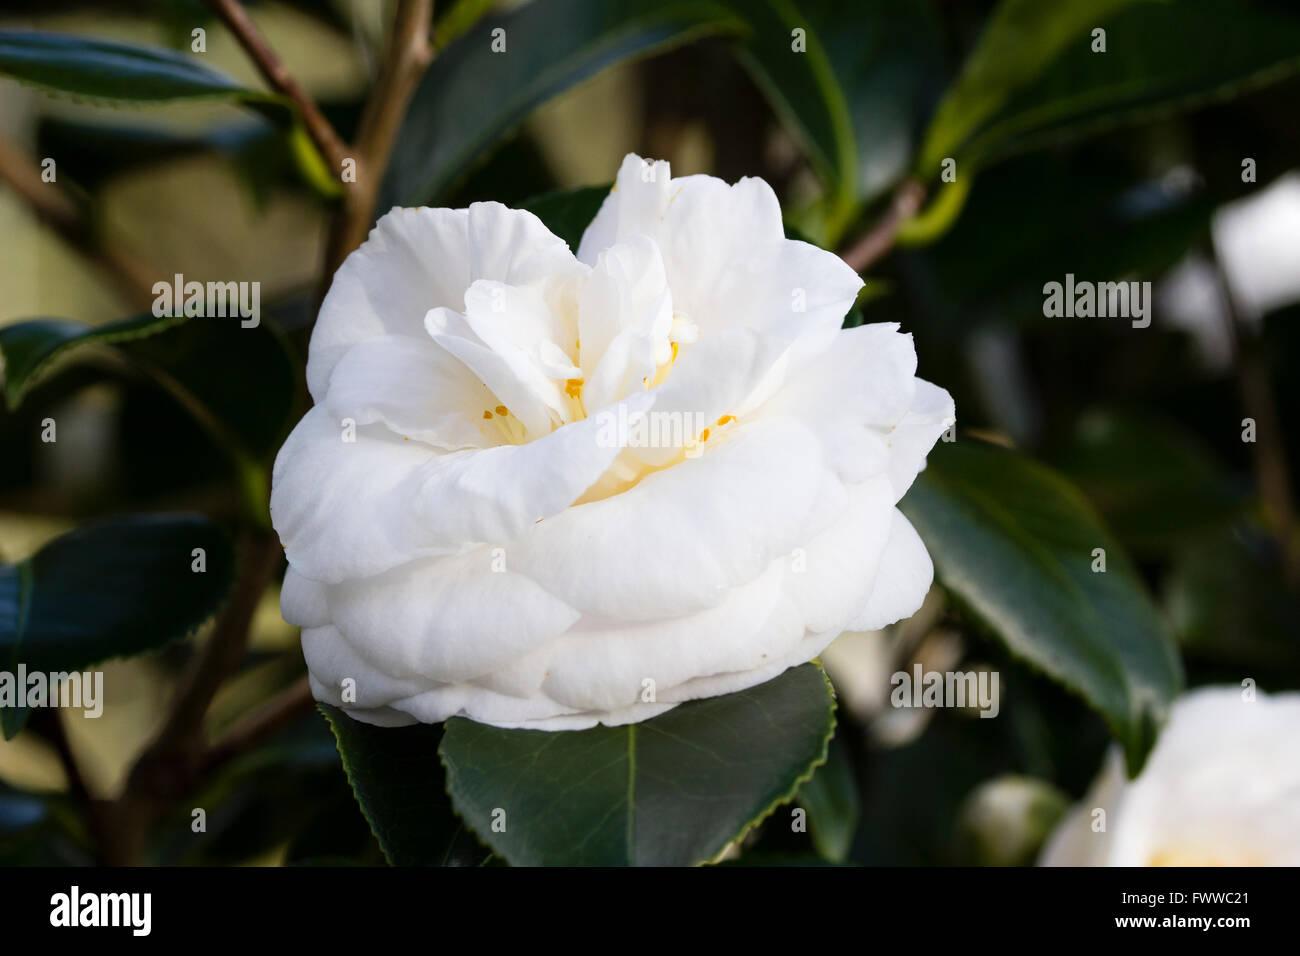 Gefüllte weiße Blüten des späten Winters blühen immergrünen Strauch, Camellia Japonica Stockbild